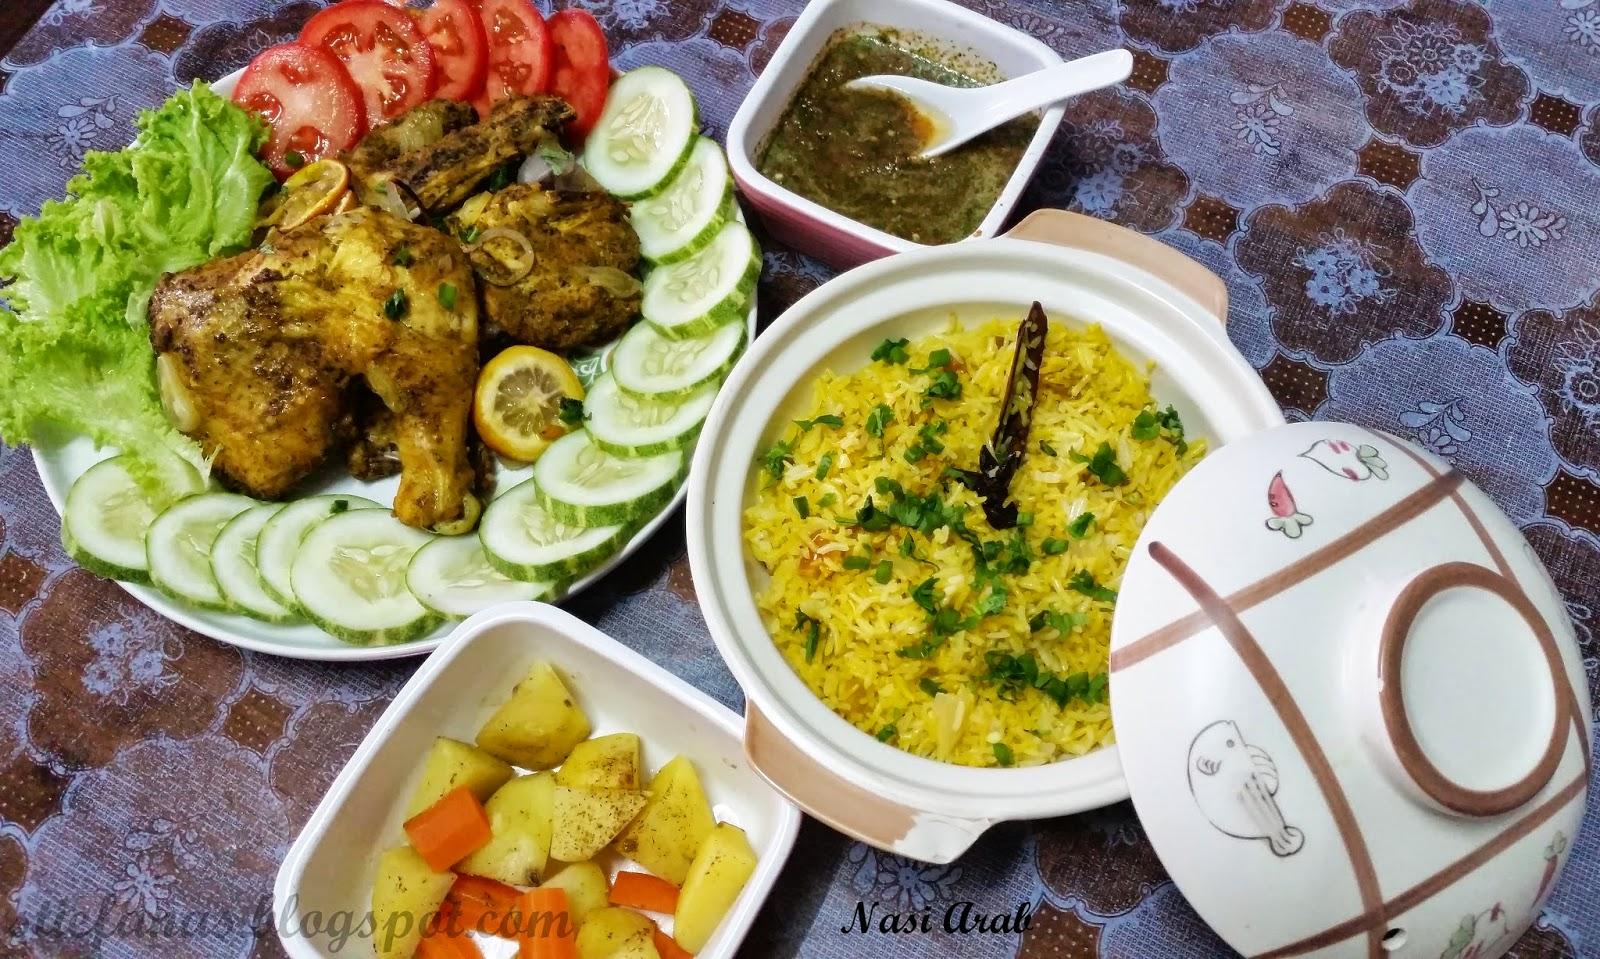 jom singgah: resepi nasi arab mandy